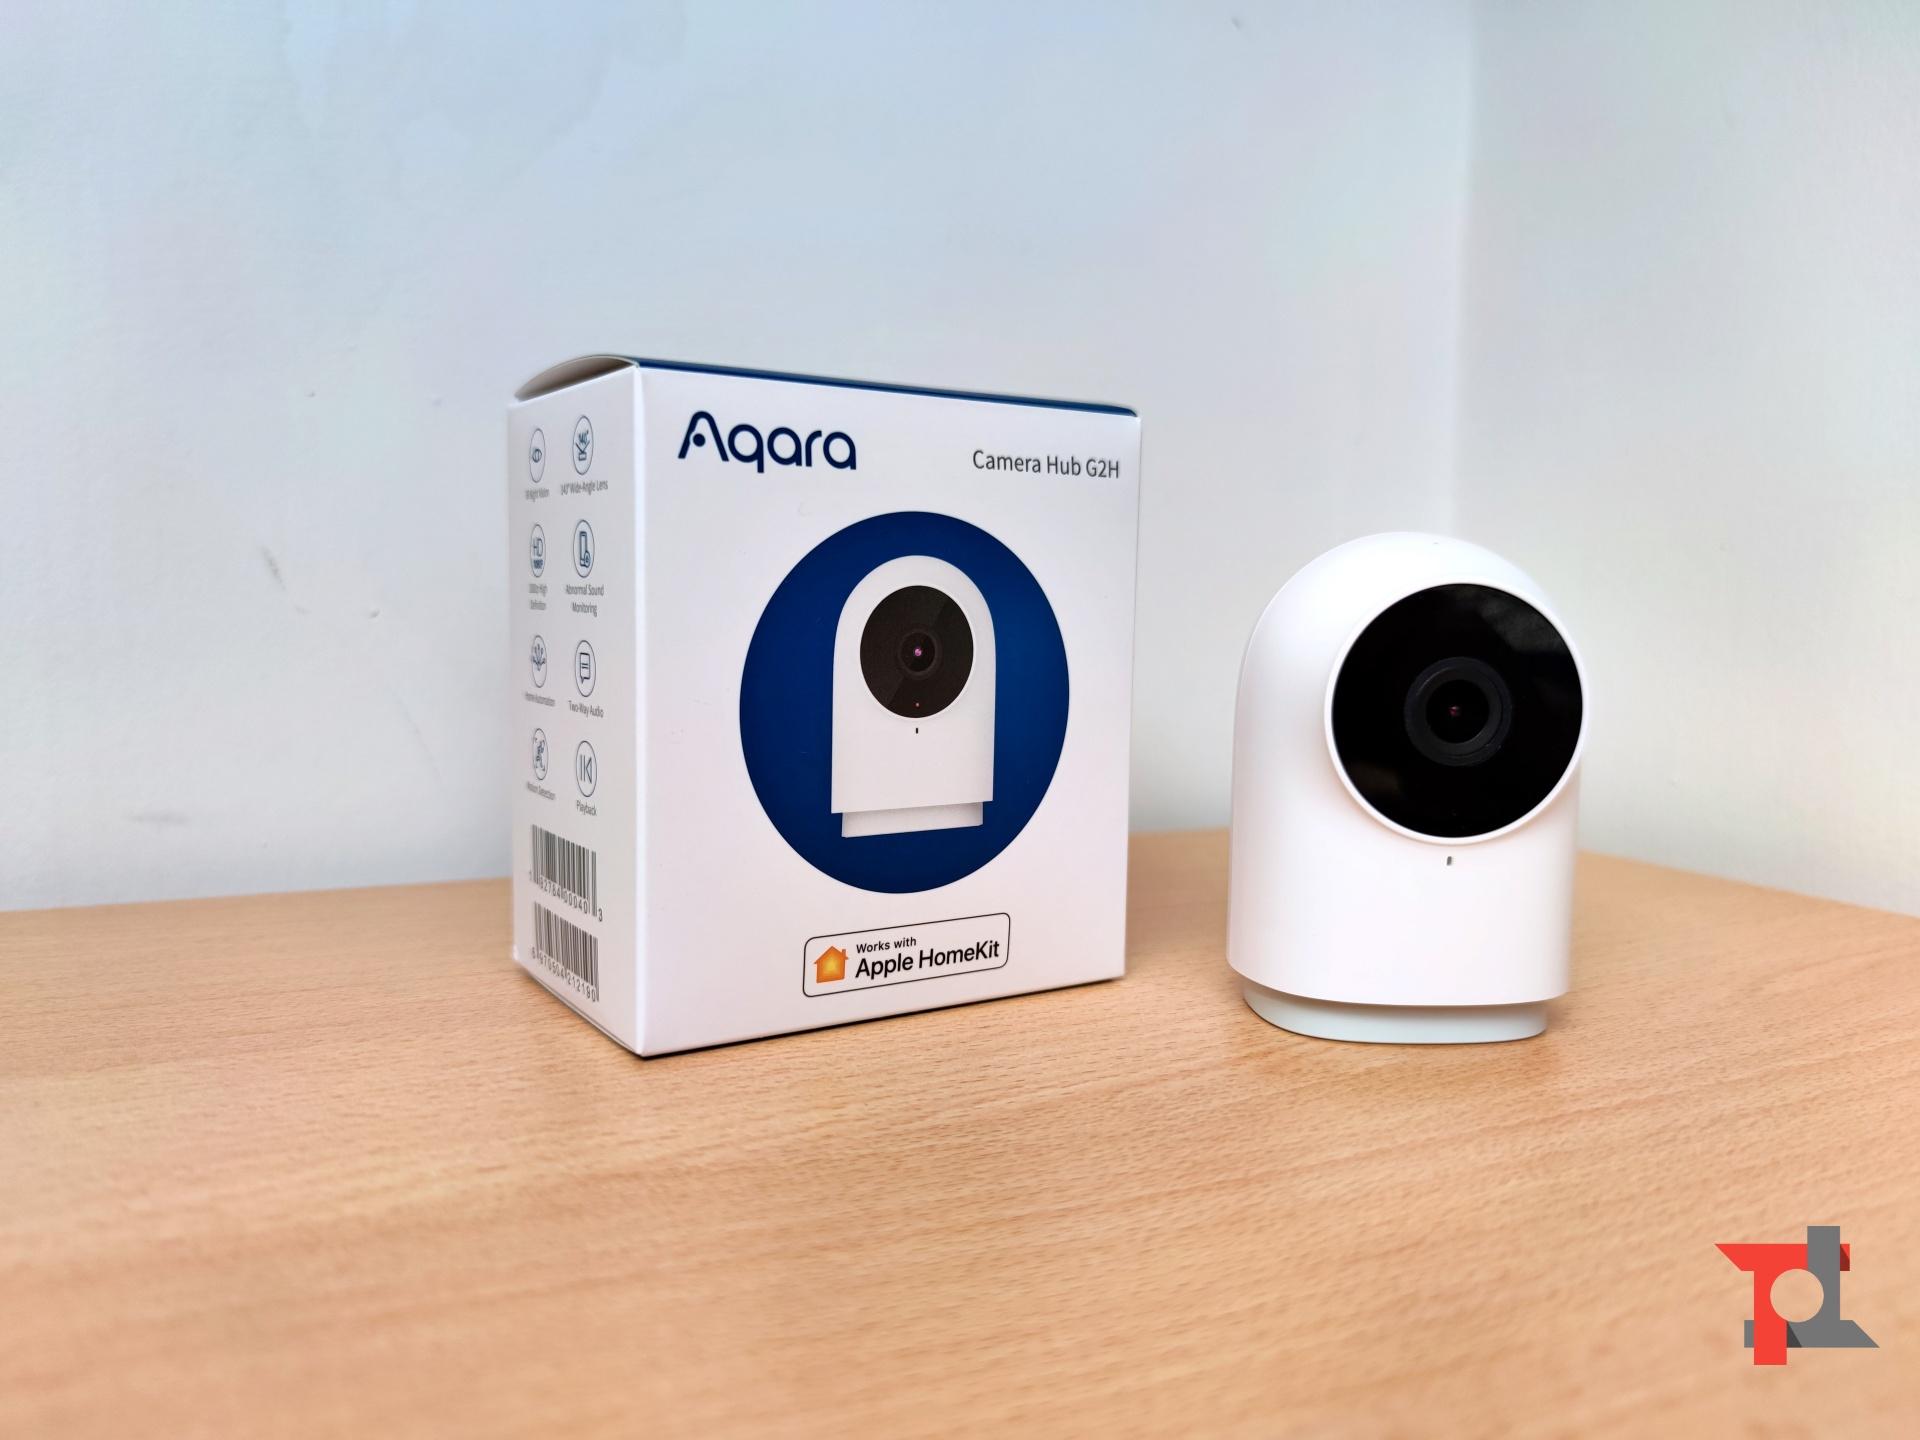 Recensione Aqara Camera Hub G2H e TVOC Air Quality Monitor, la smart home è ancora più semplice 1